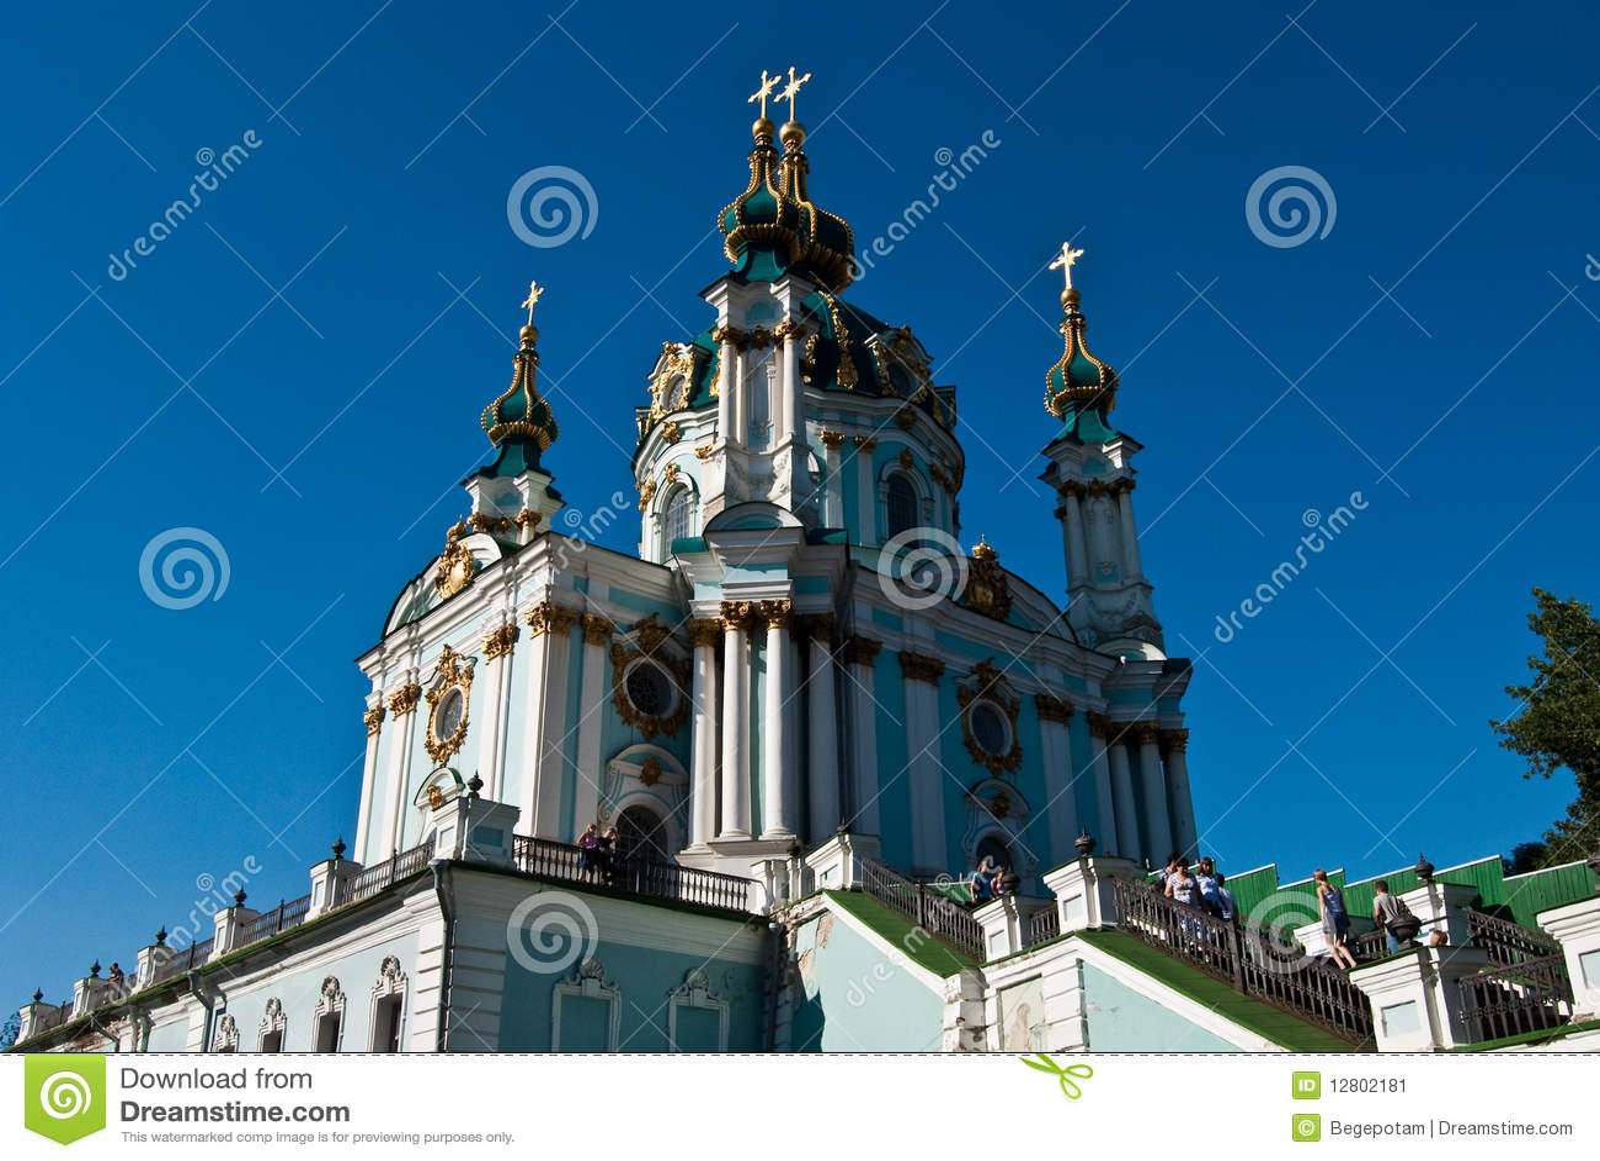 Igreja ortodoxa em Podol, no centro de cidade de Kyiv